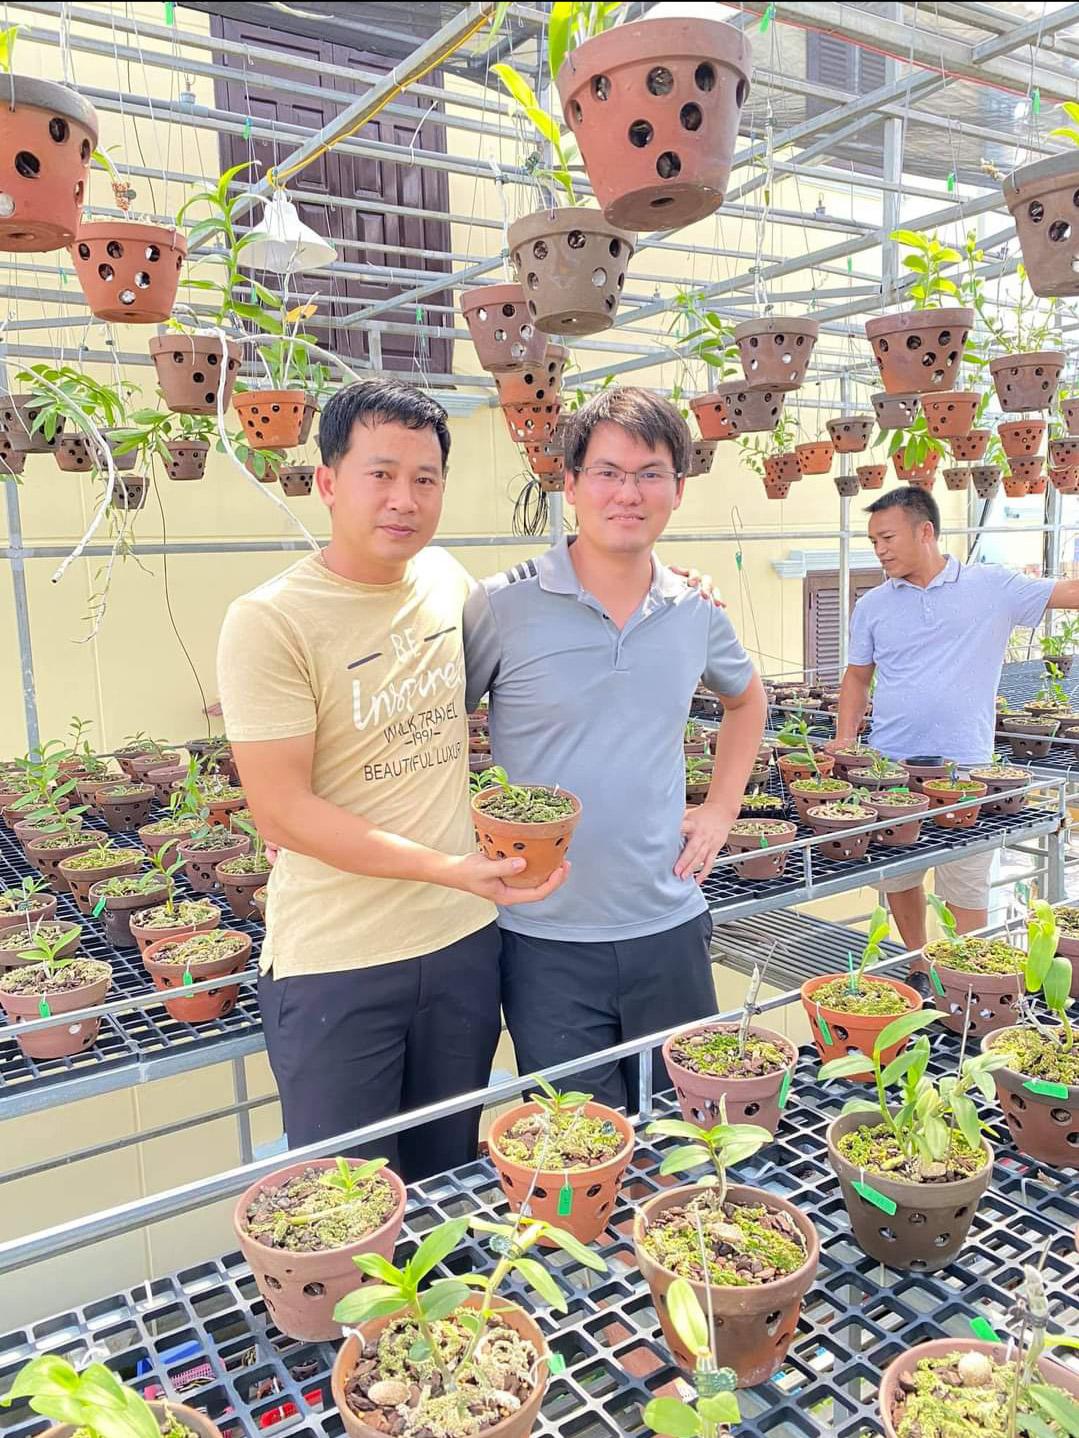 Anh Phạm Thăng Bằng (bên trái) giới thiệu cho khách hàng tham quan vườn lan do anh làm chủ.